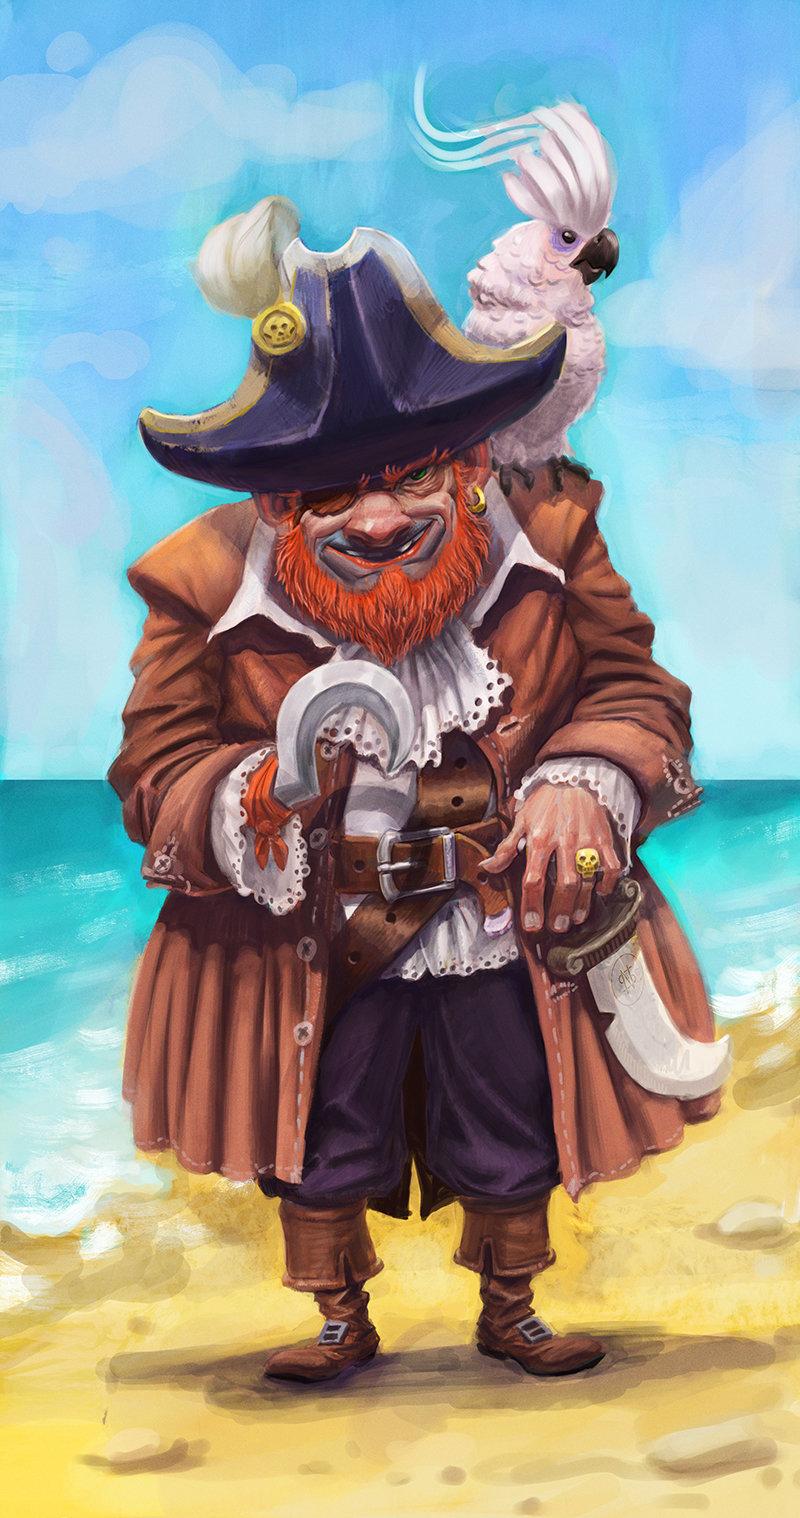 Nareksamvelyan pirate 1 e8dc1520 foq1